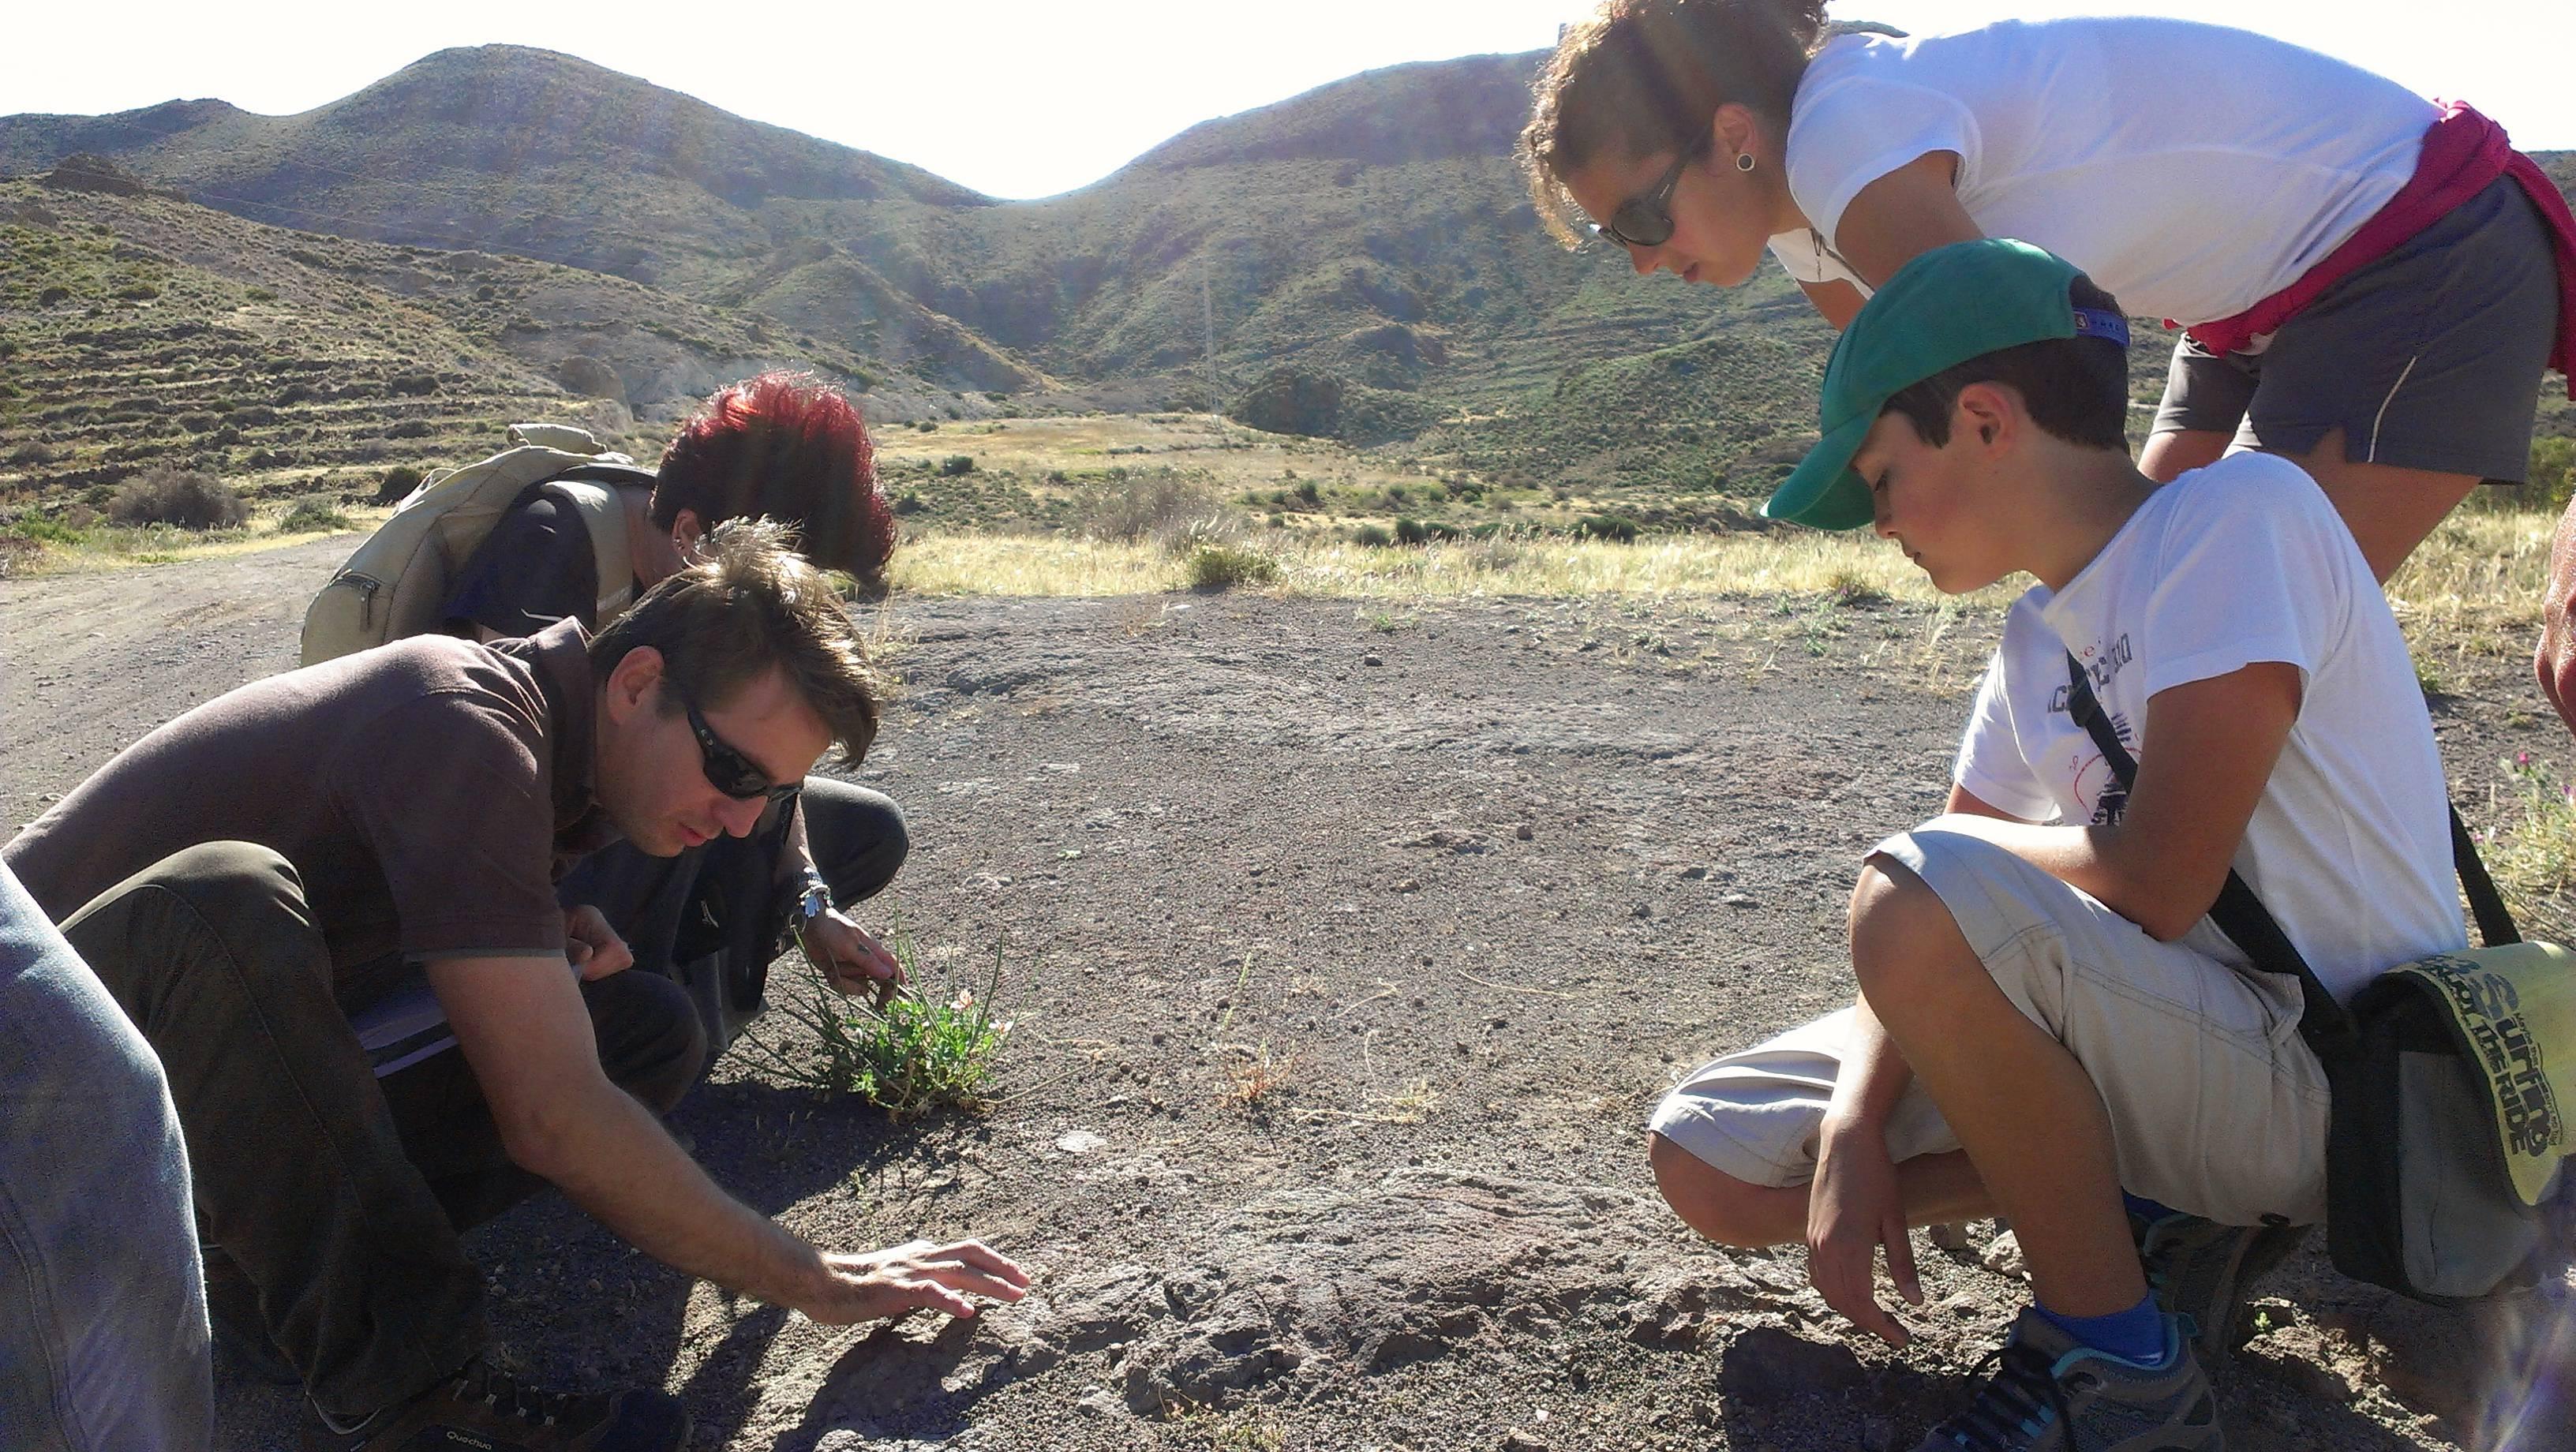 Semana Geoparques en el Parque Natural  Cabo de Gata Níjar